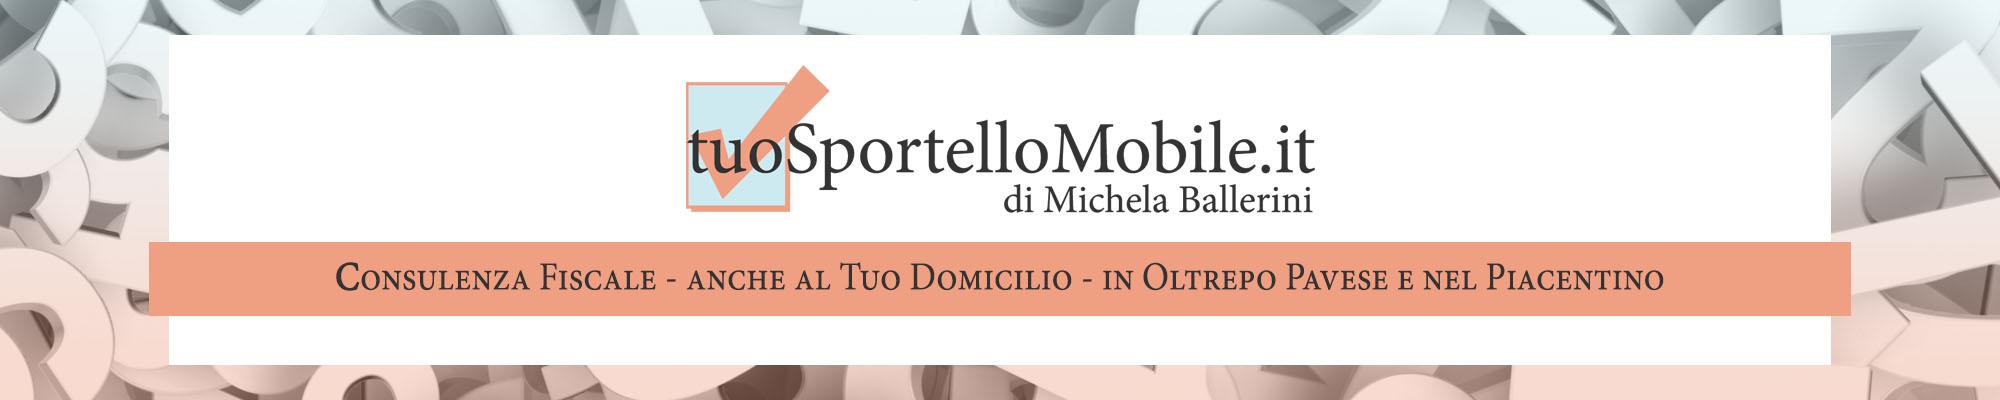 Tuo Sportello Mobile – Consulenza Fiscale in Oltrepo e Piacentino